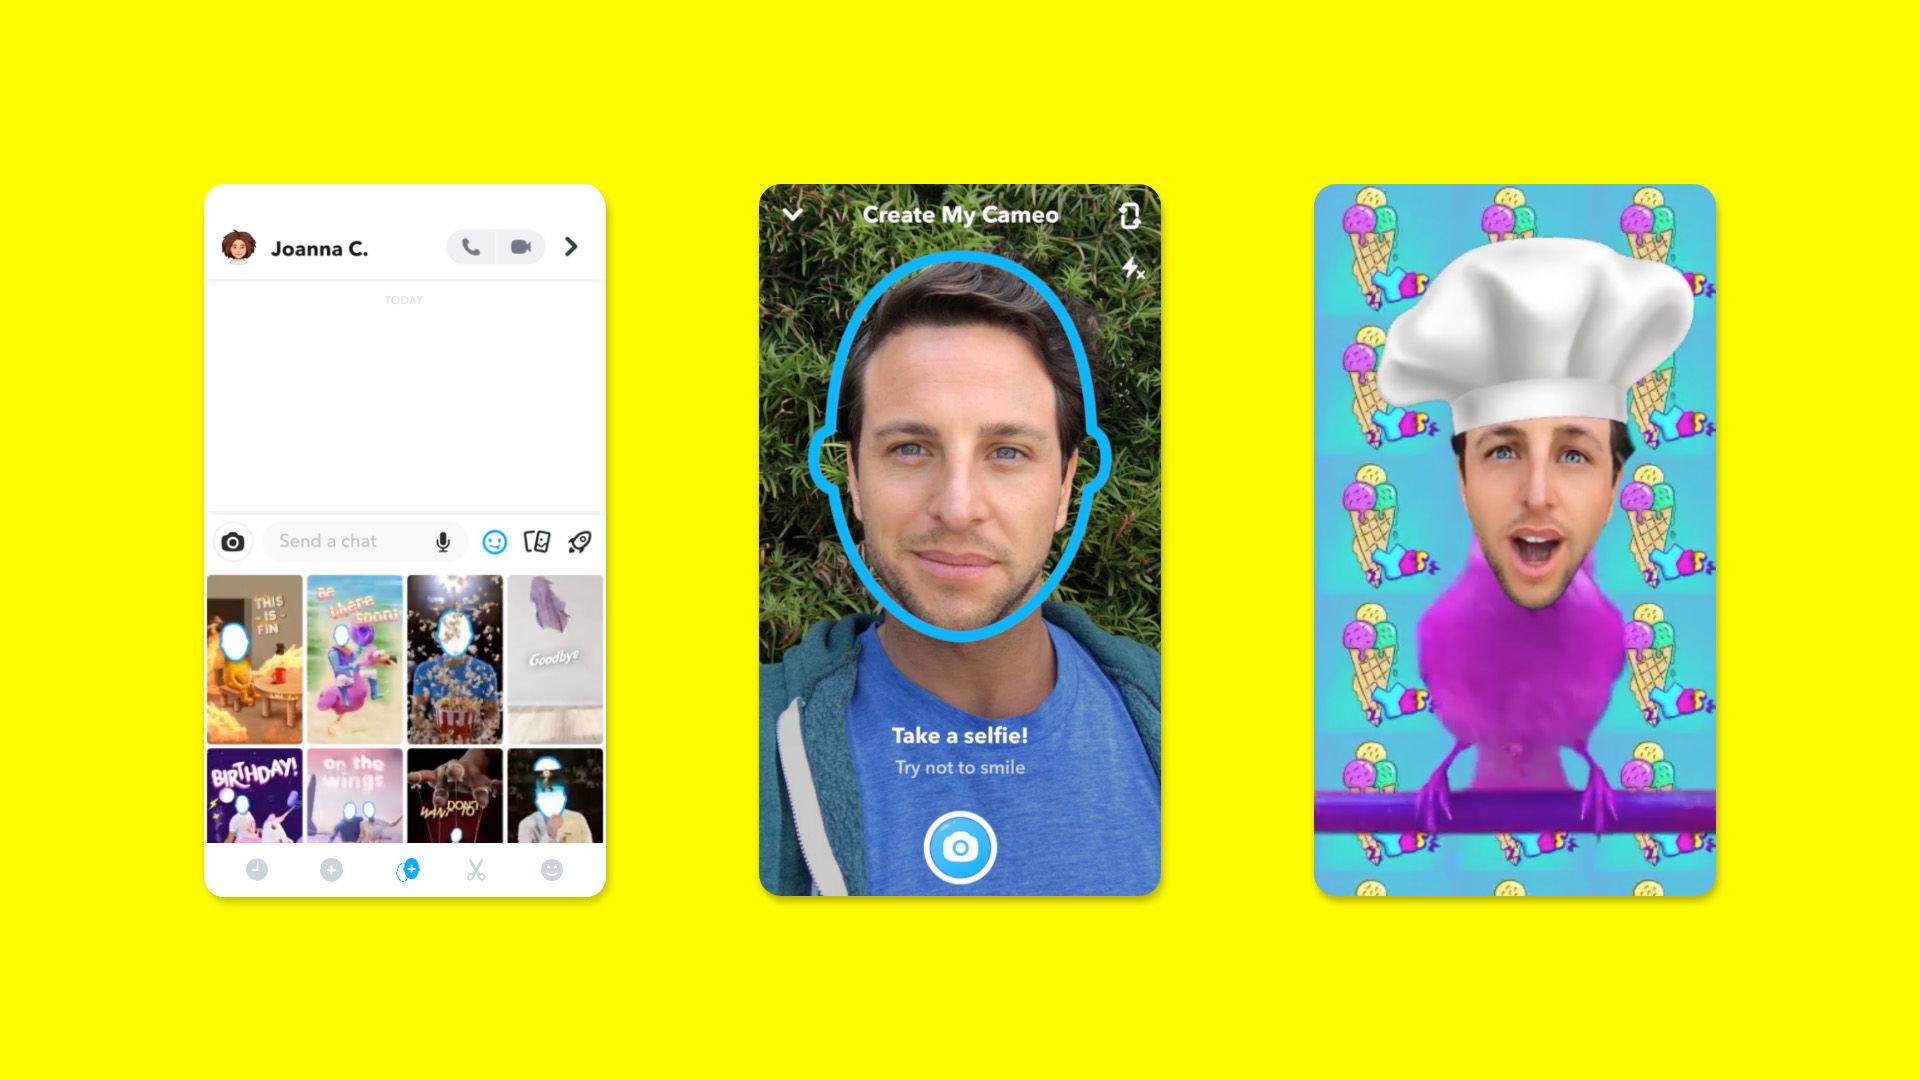 آیا با قابلیت جدید Cameos اسنپ چت اشنا هستید؟